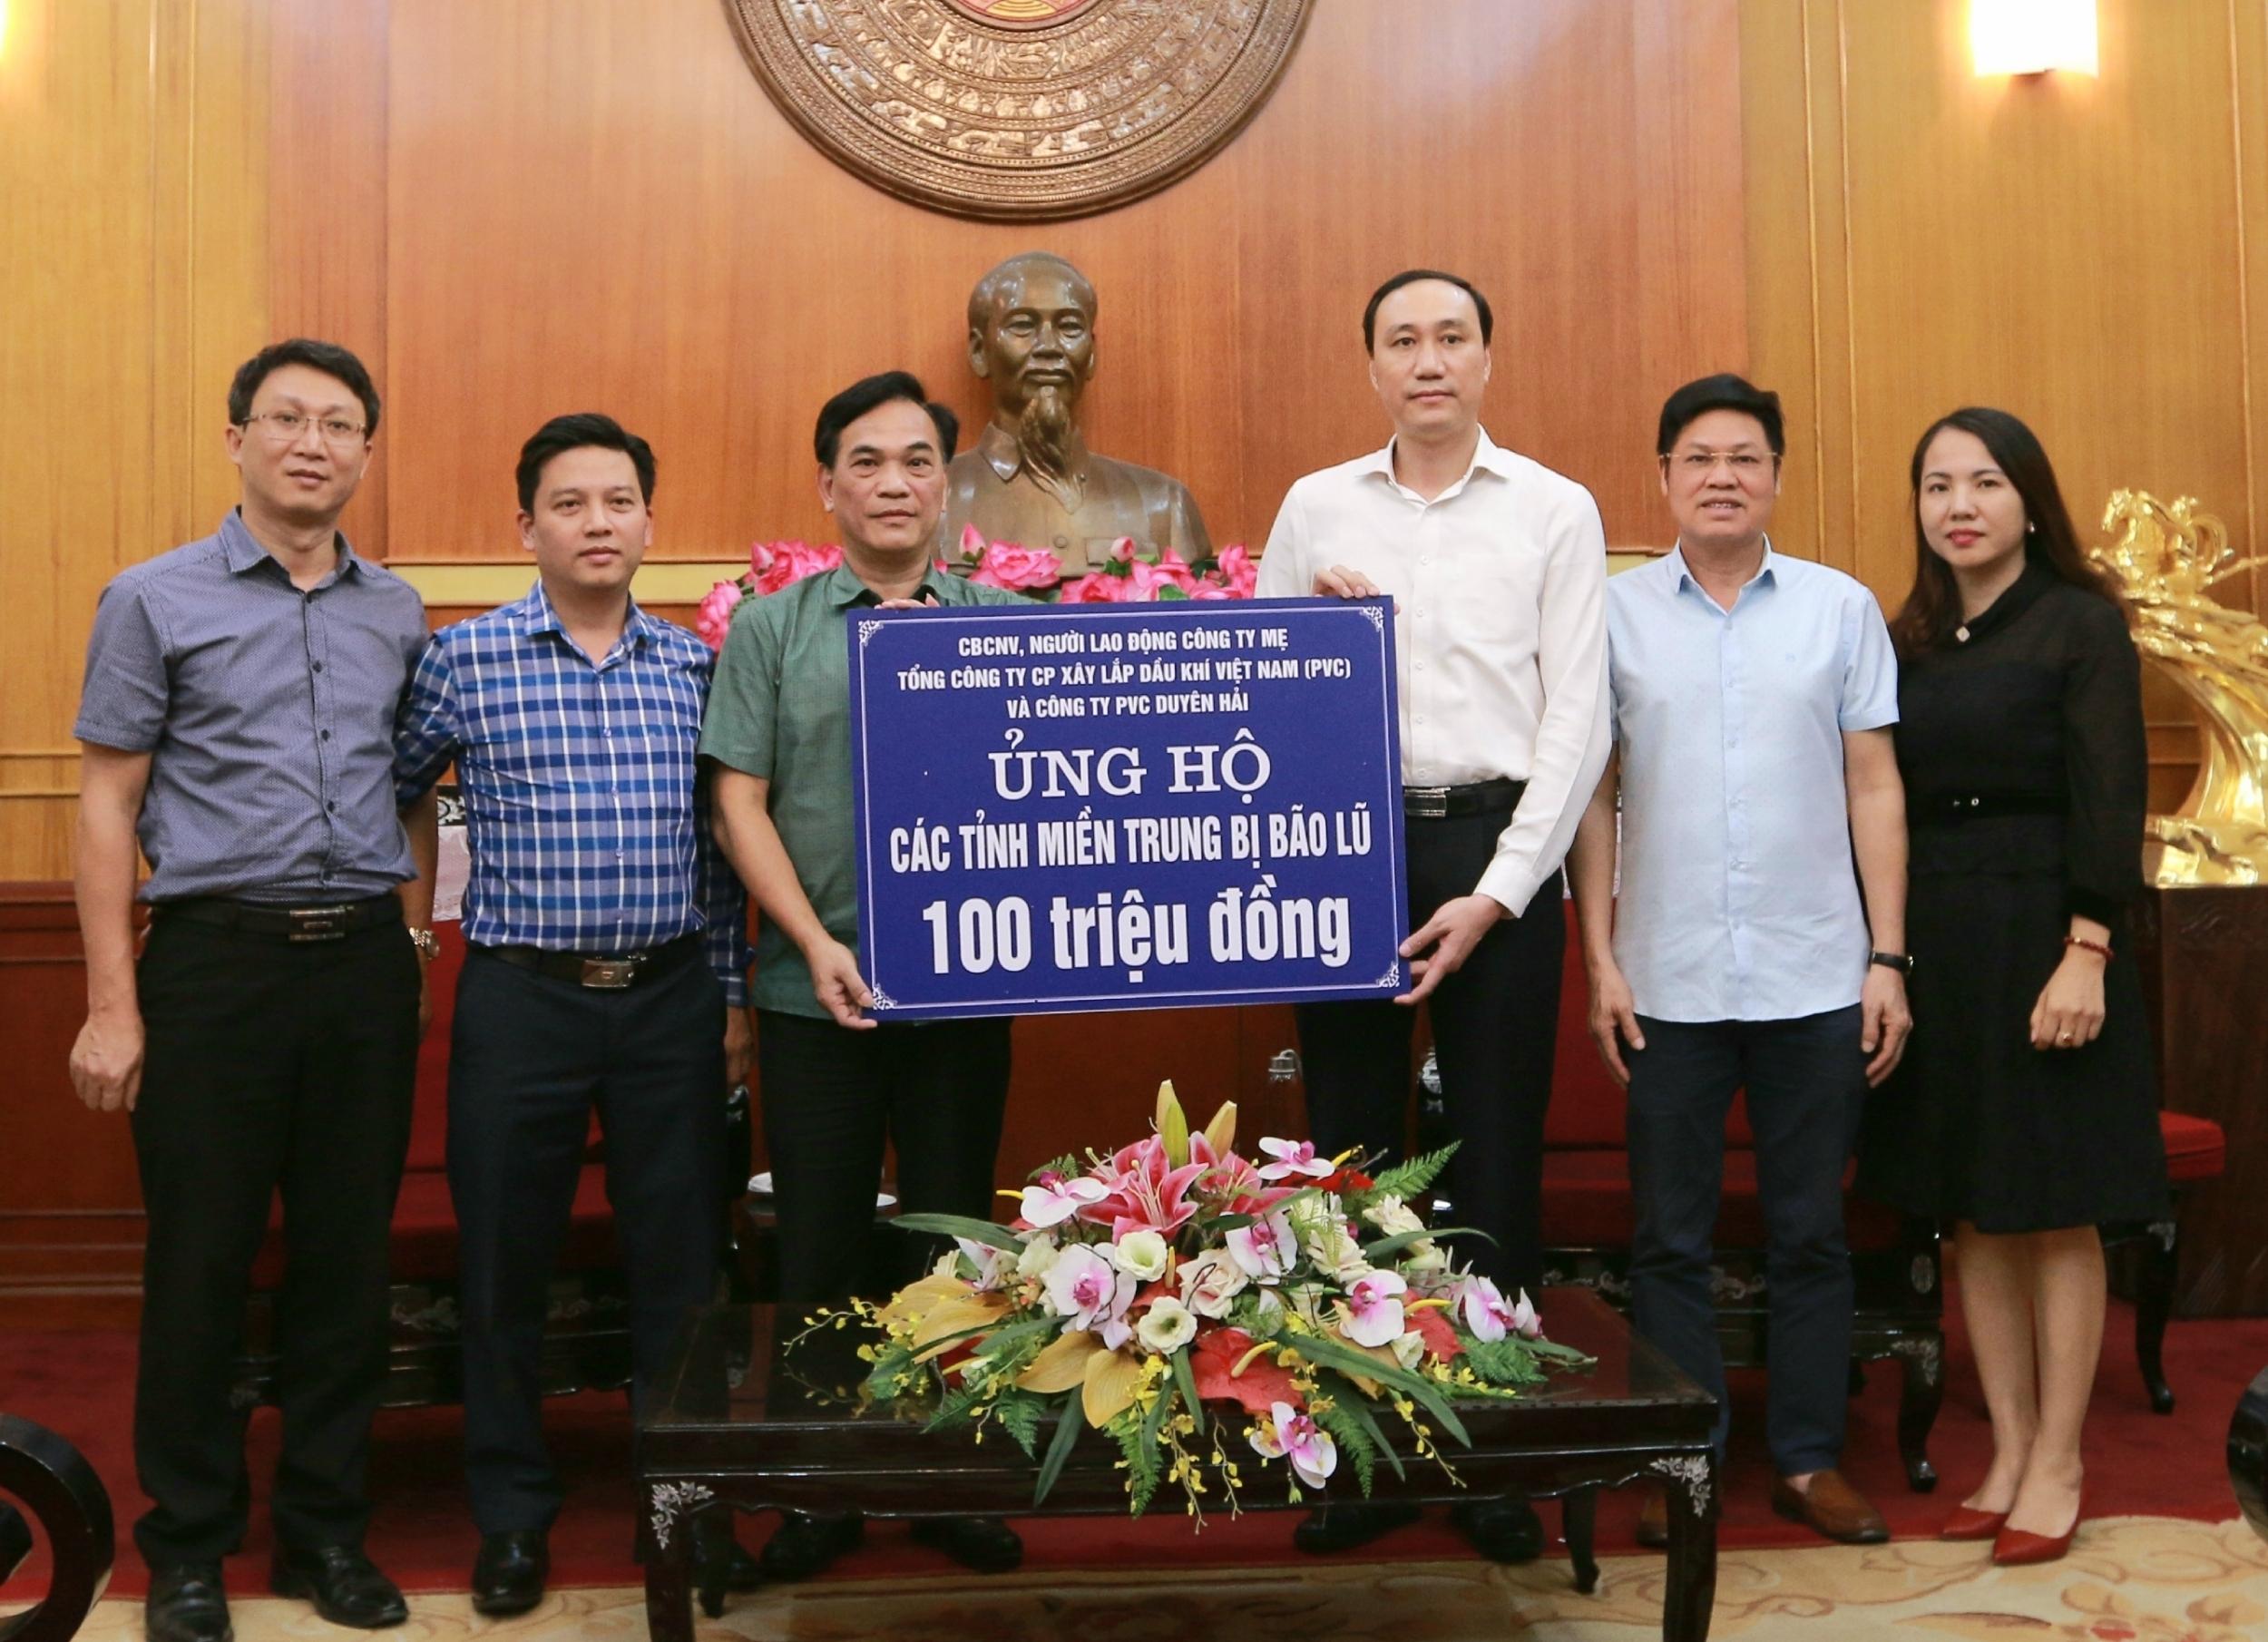 Lãnh đạo PVC trao 100 triệu đồng ủng hộ đồng bào miền Trung khắc phục hậu quả lũ lụt